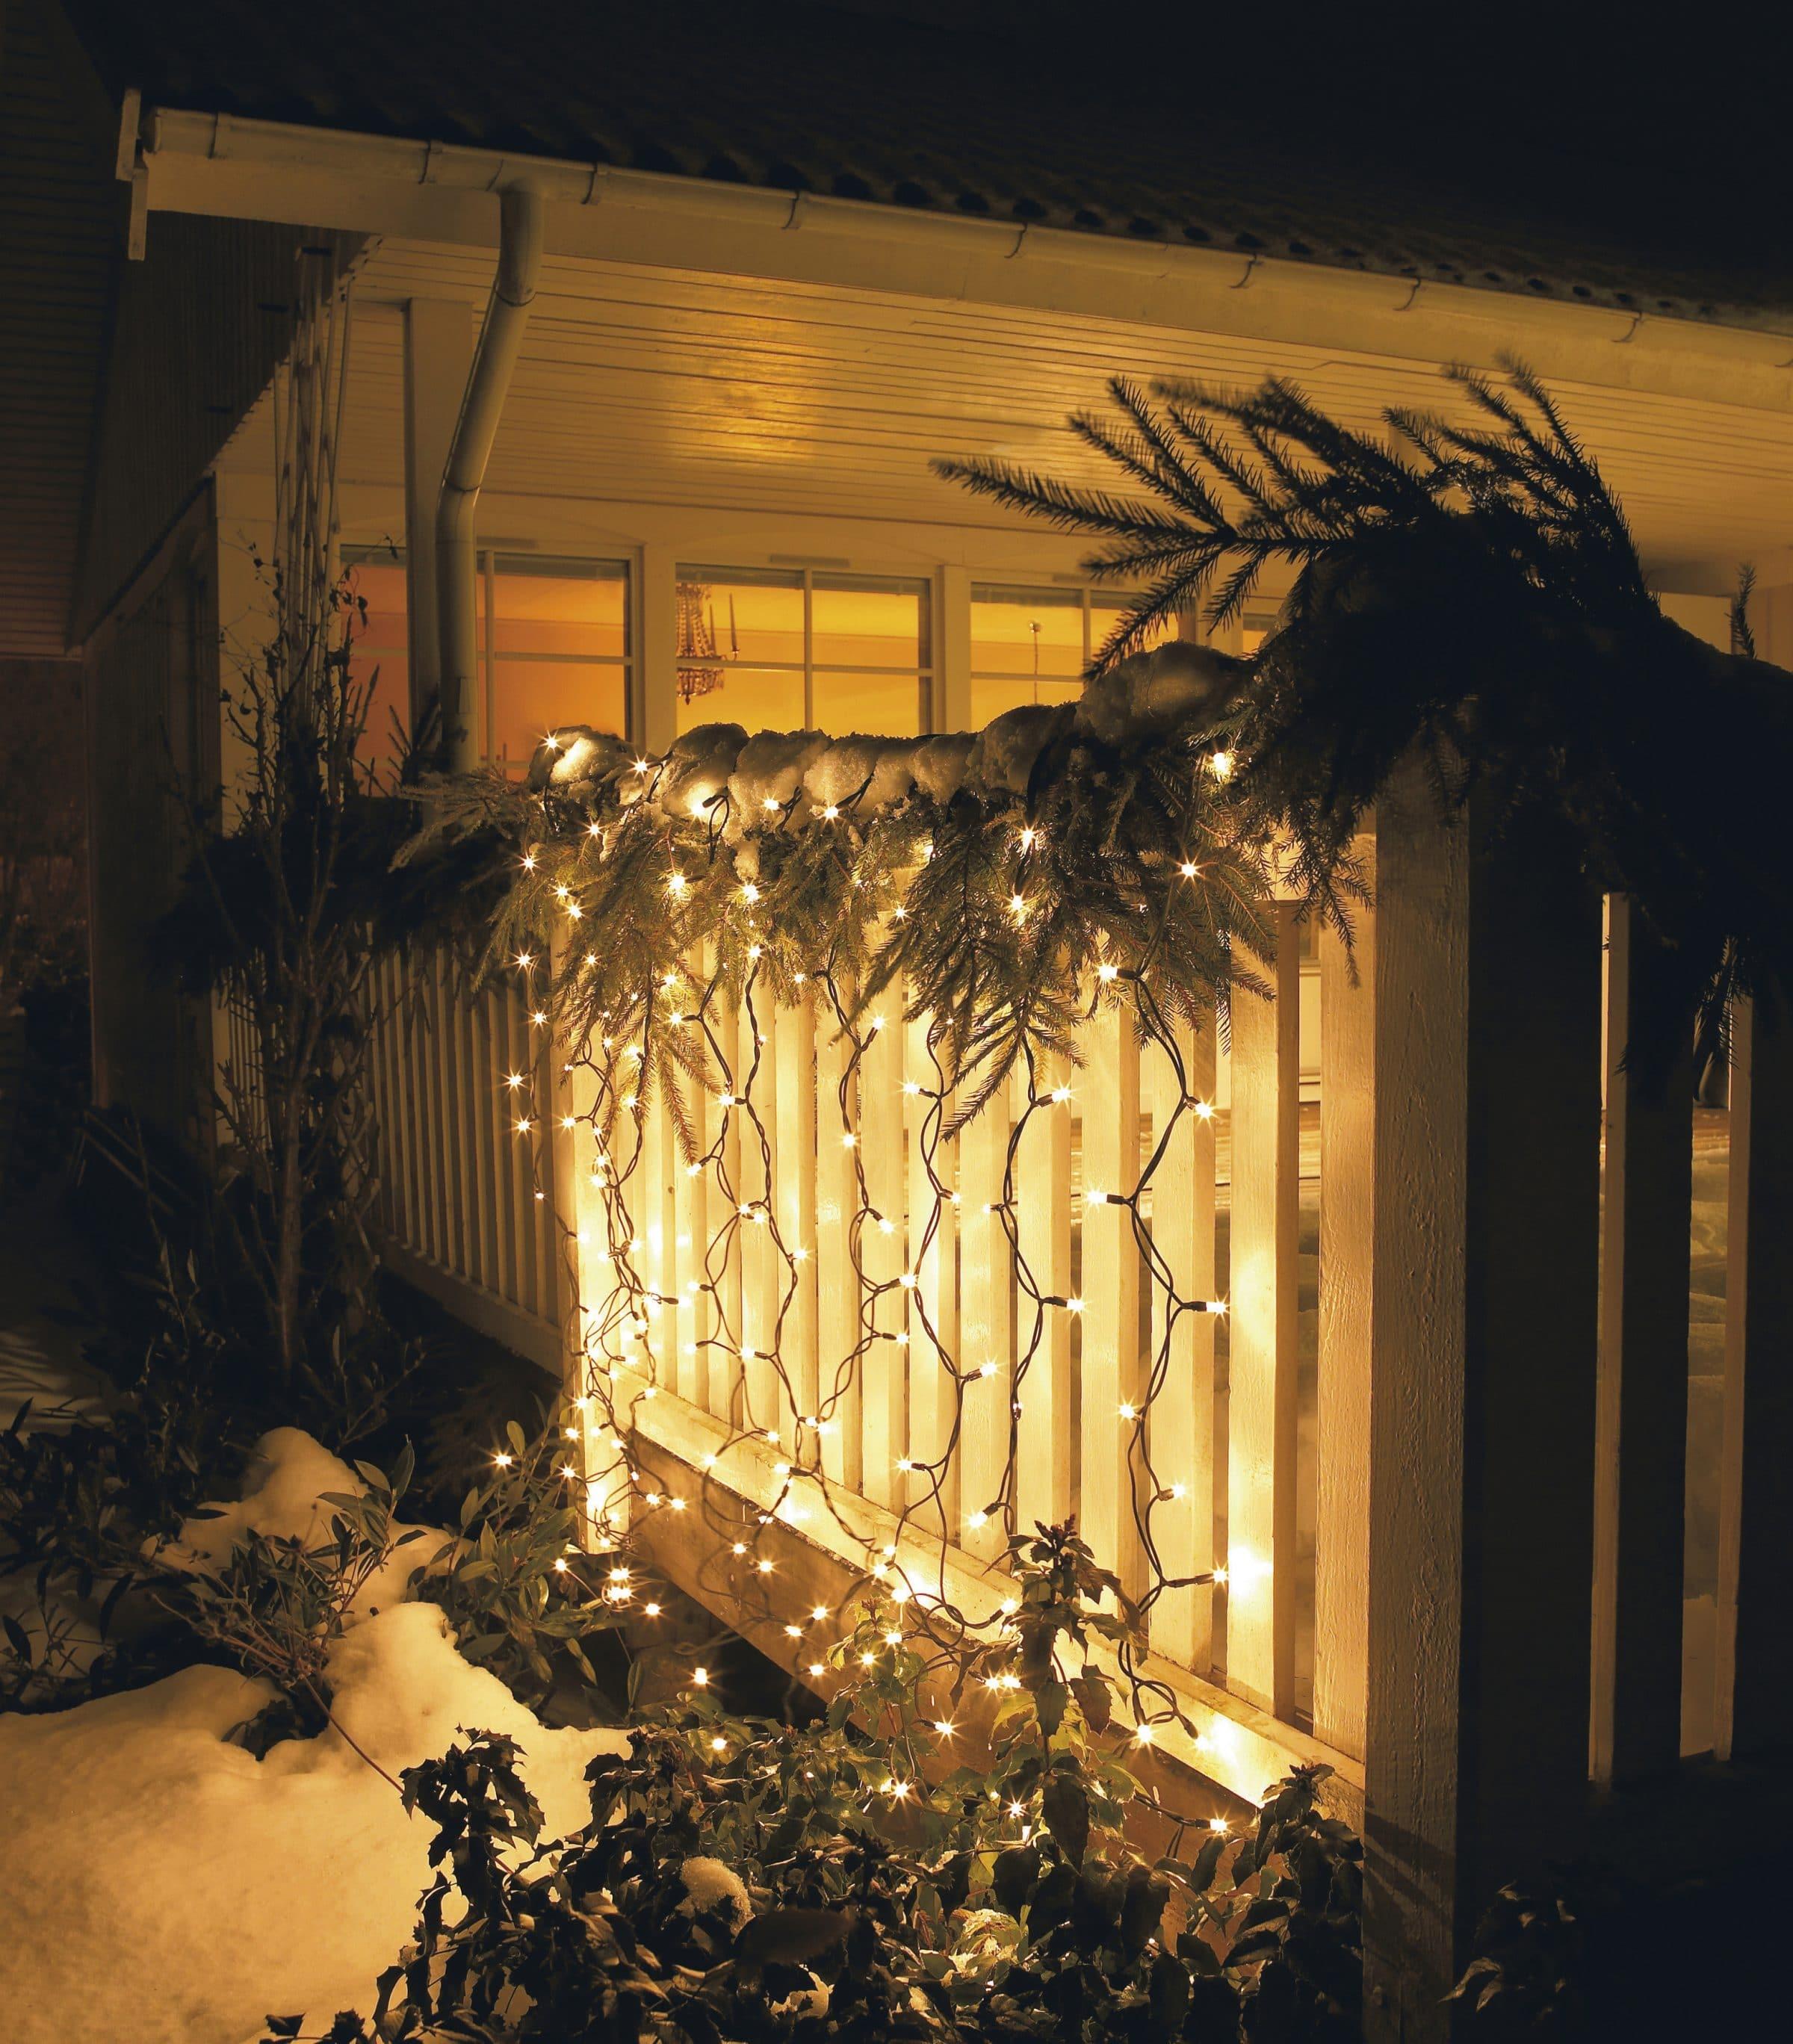 Zasłona świetlna LED, IP44, 1 x 1 m, 49,99 zł, sklep Jula